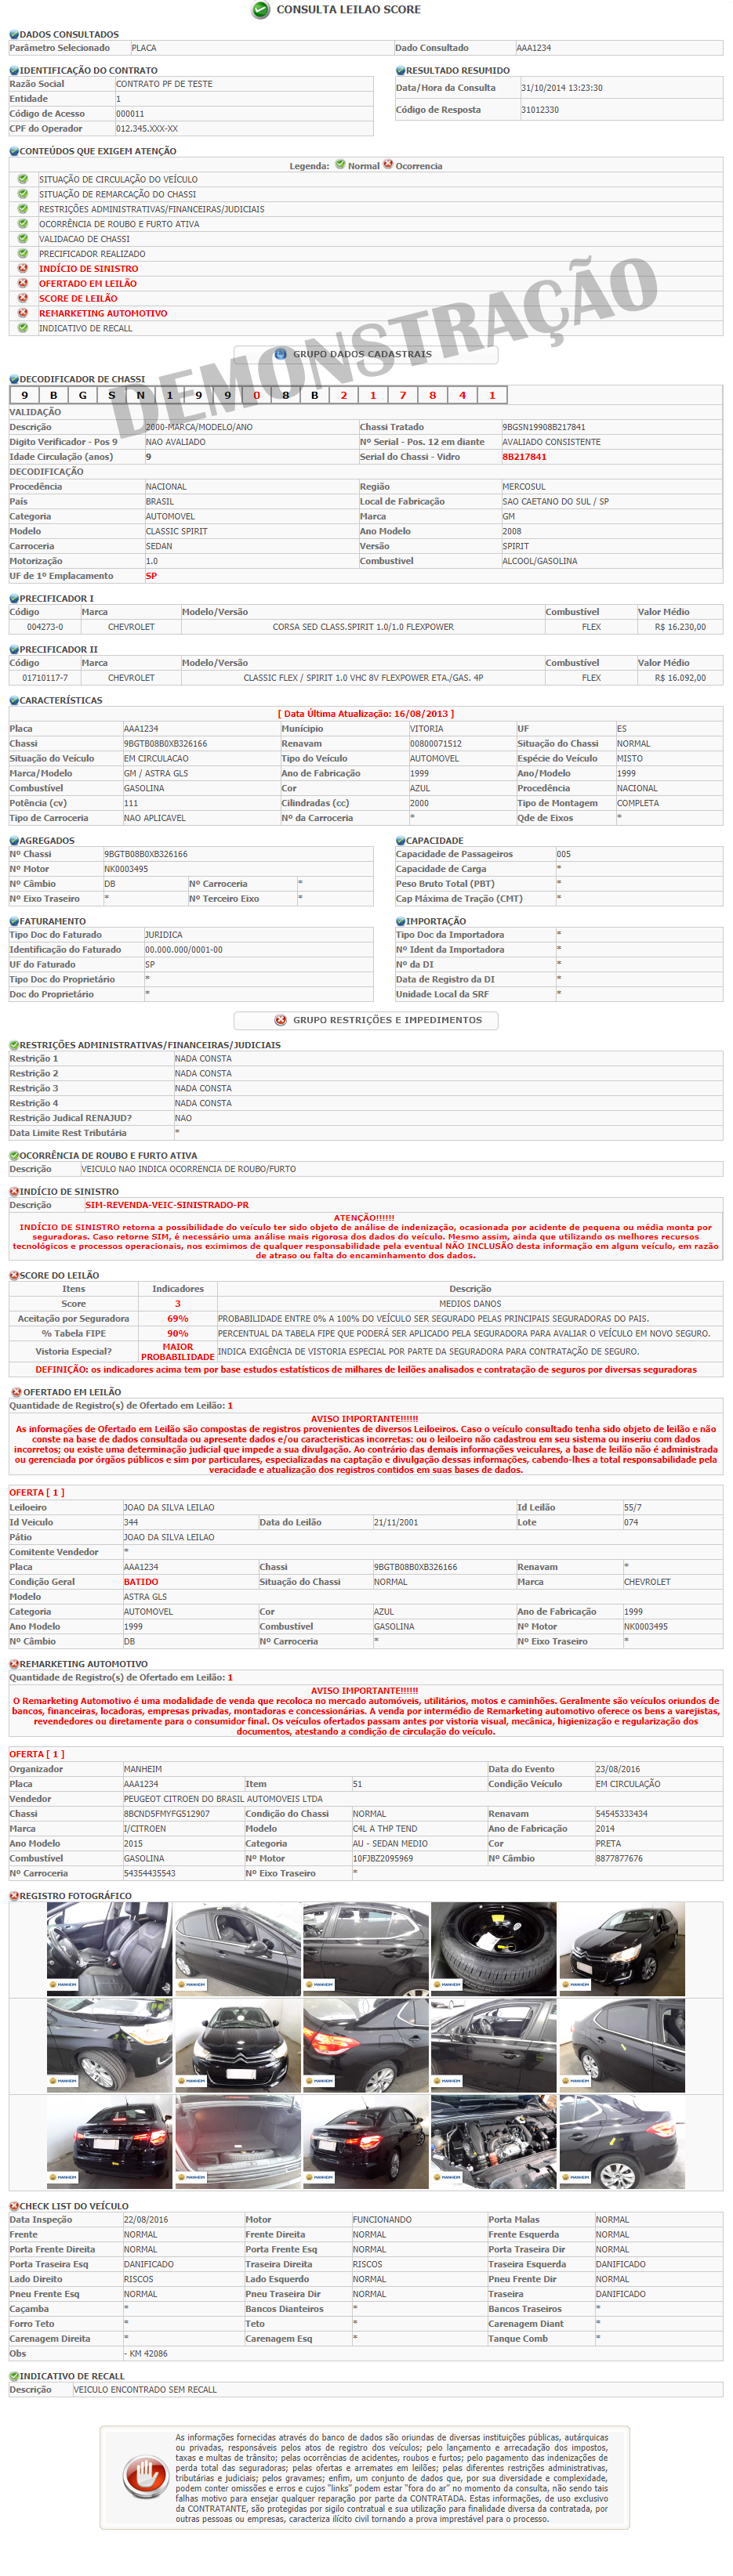 Modelo da Consulta Leilão Score